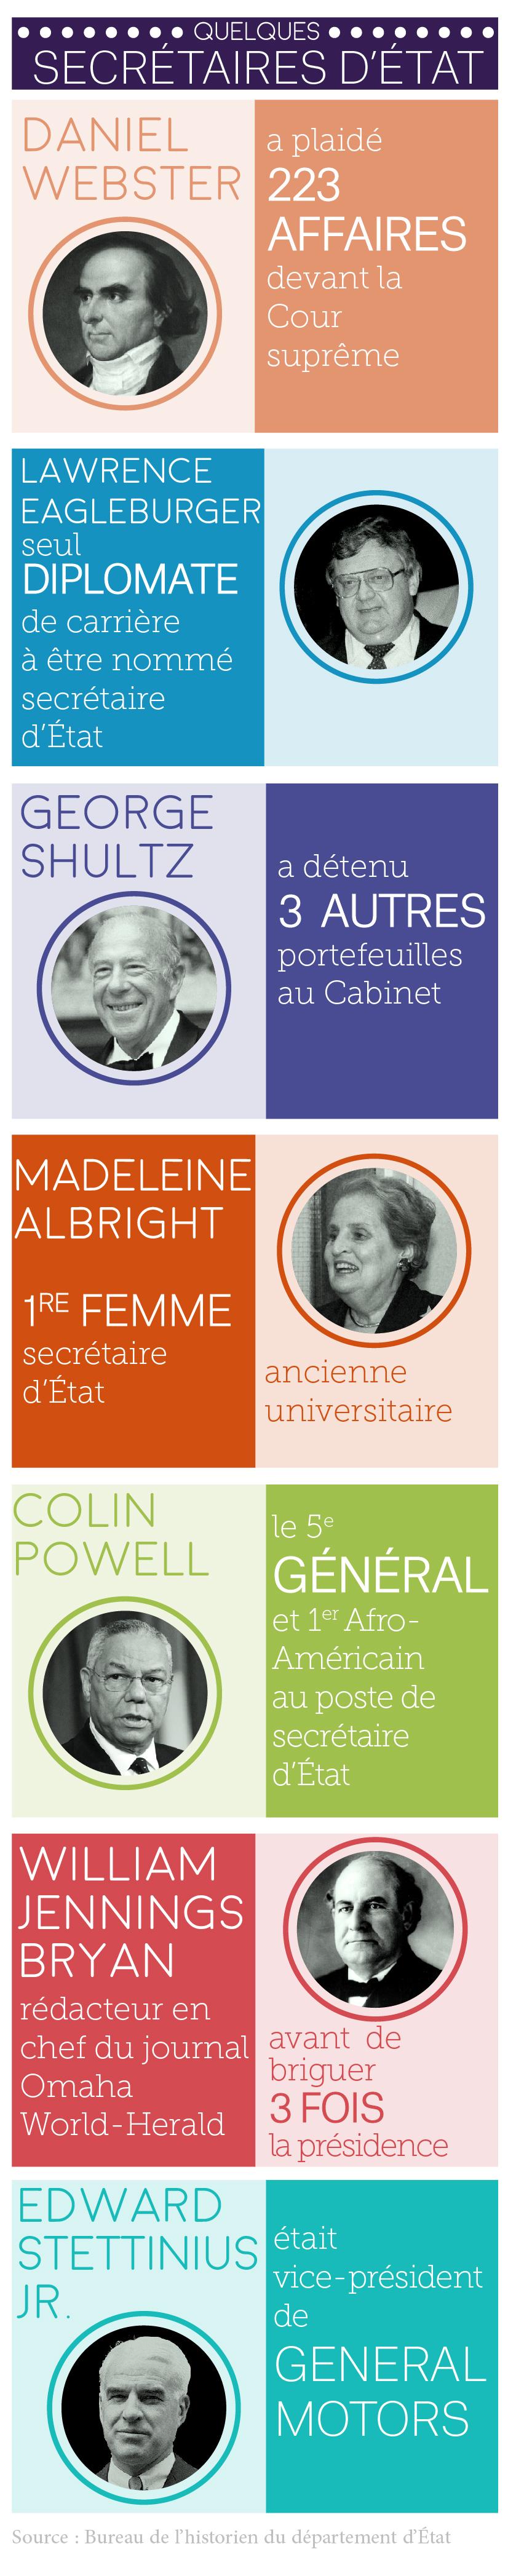 Infographie alternant des photos d'anciens secrétaires d'État et des informations sur chacun d'eux (Sara Gemeny Wilkinson)